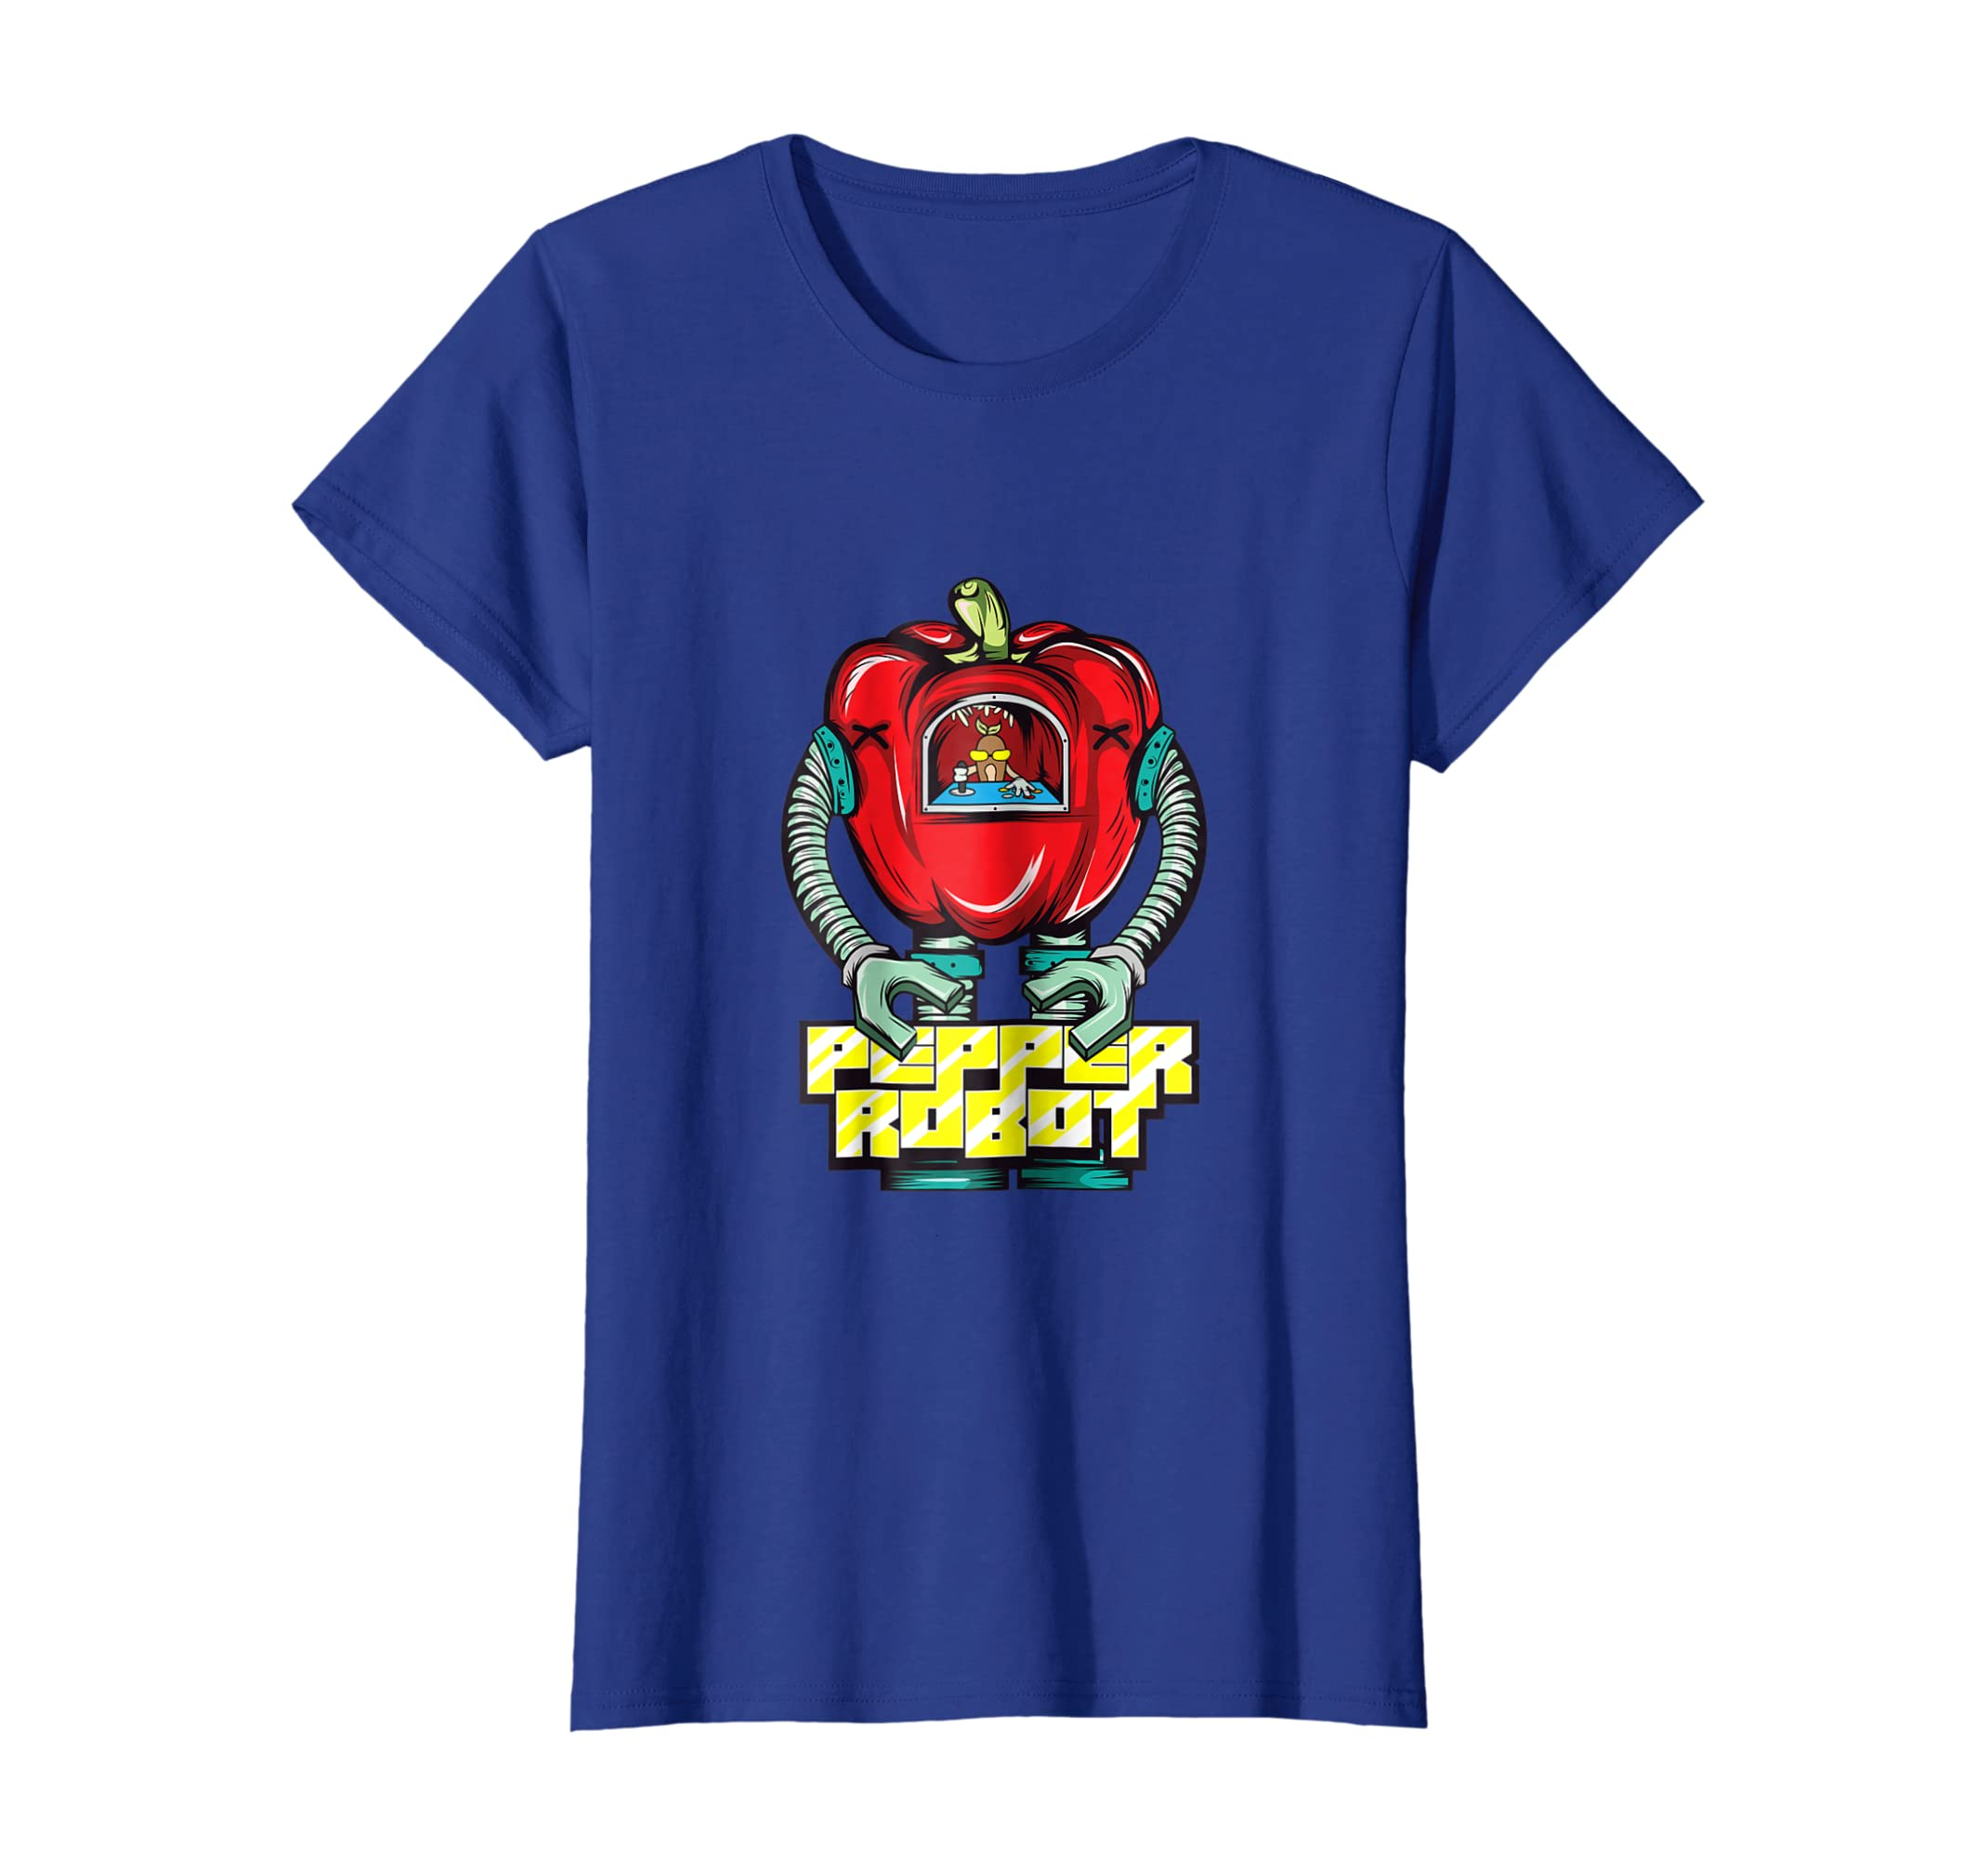 c178b180e7 Amazon.com: Funny Pepper Robot Gardening Vegetable Gardener T-Shirt Gift:  Clothing